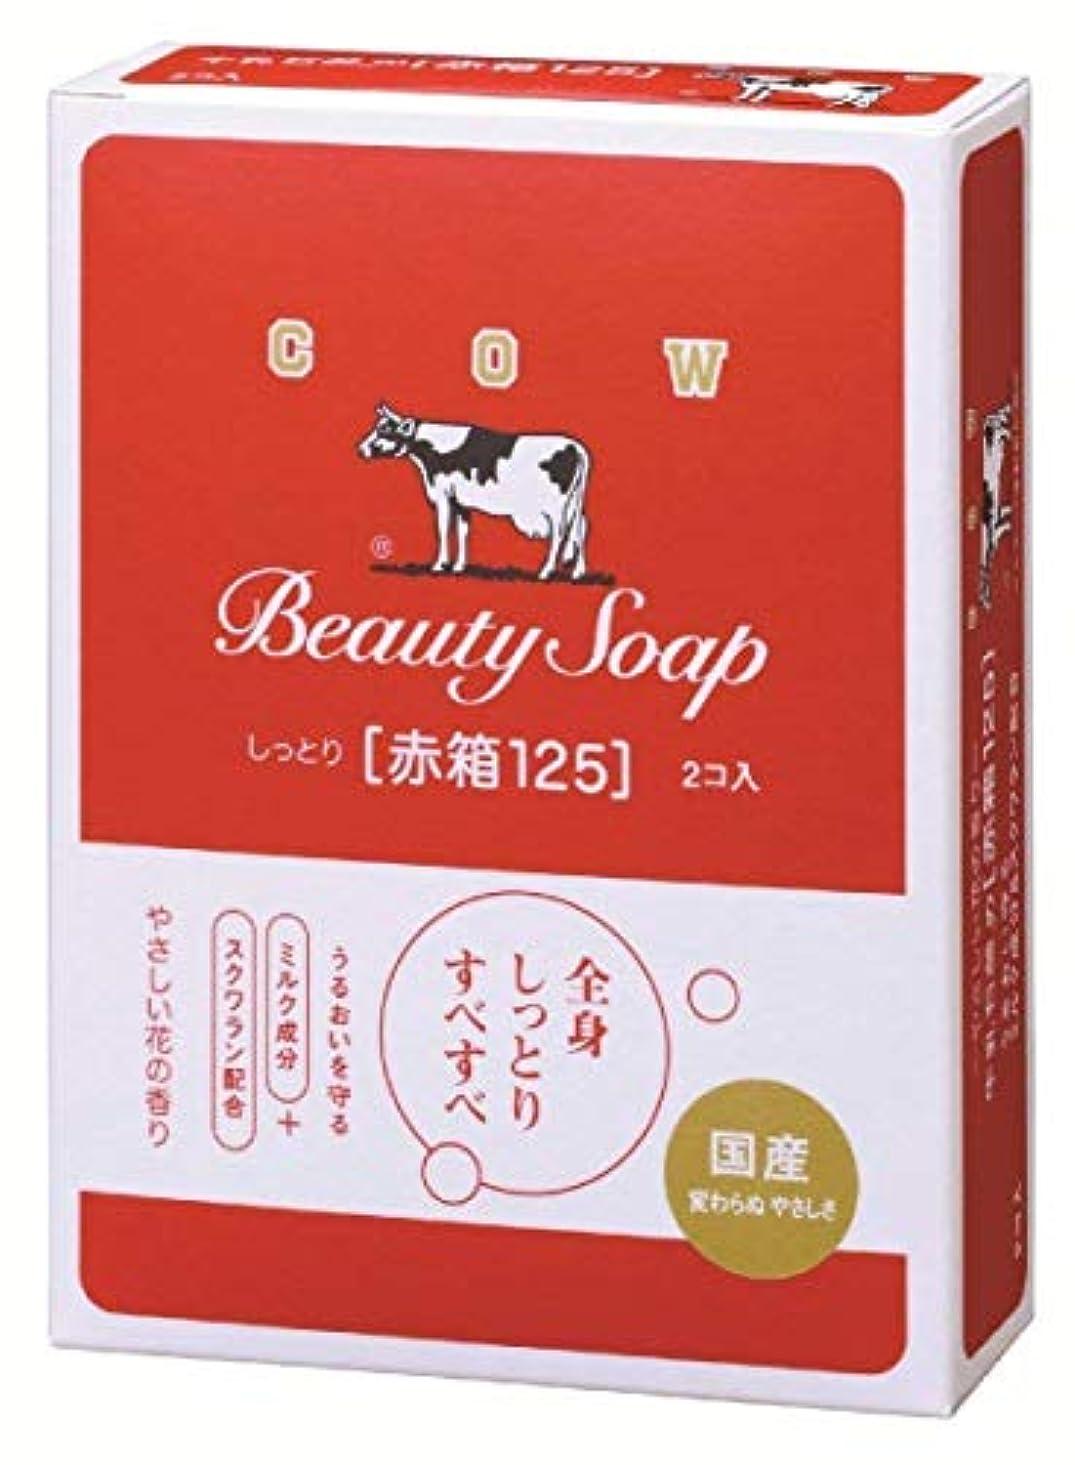 ひらめきバスタブ暫定牛乳石鹸共進社 カウブランド 赤箱 125g×2コ入り×3個